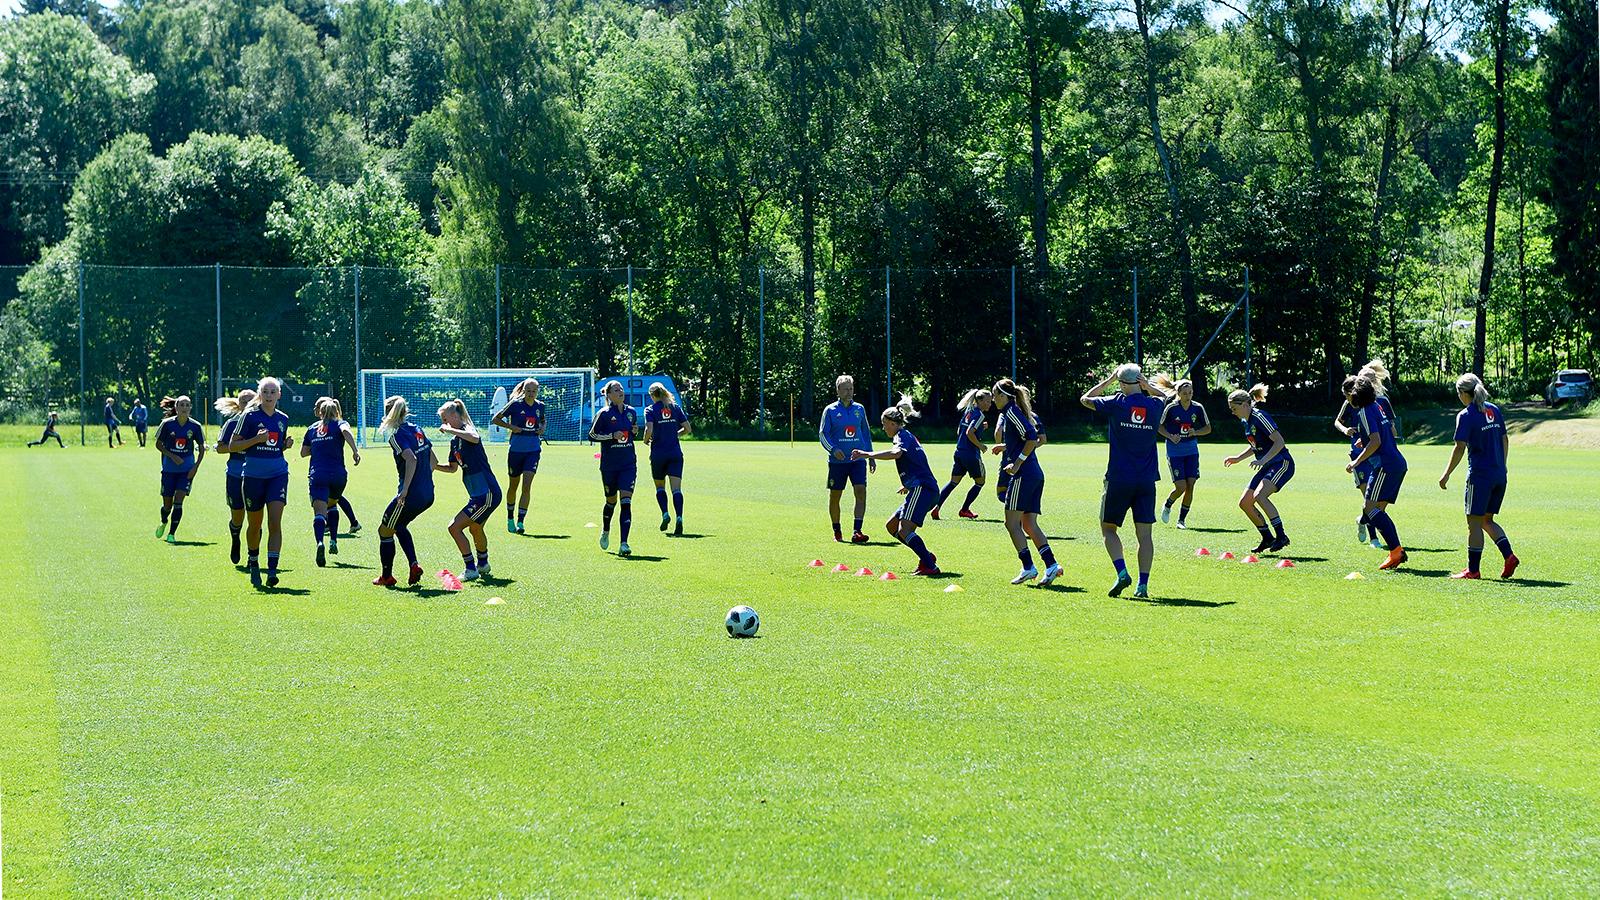 Damlandslaget tränar på Kamratgården 2018Damlandslaget tränar på Kamratgården 2018